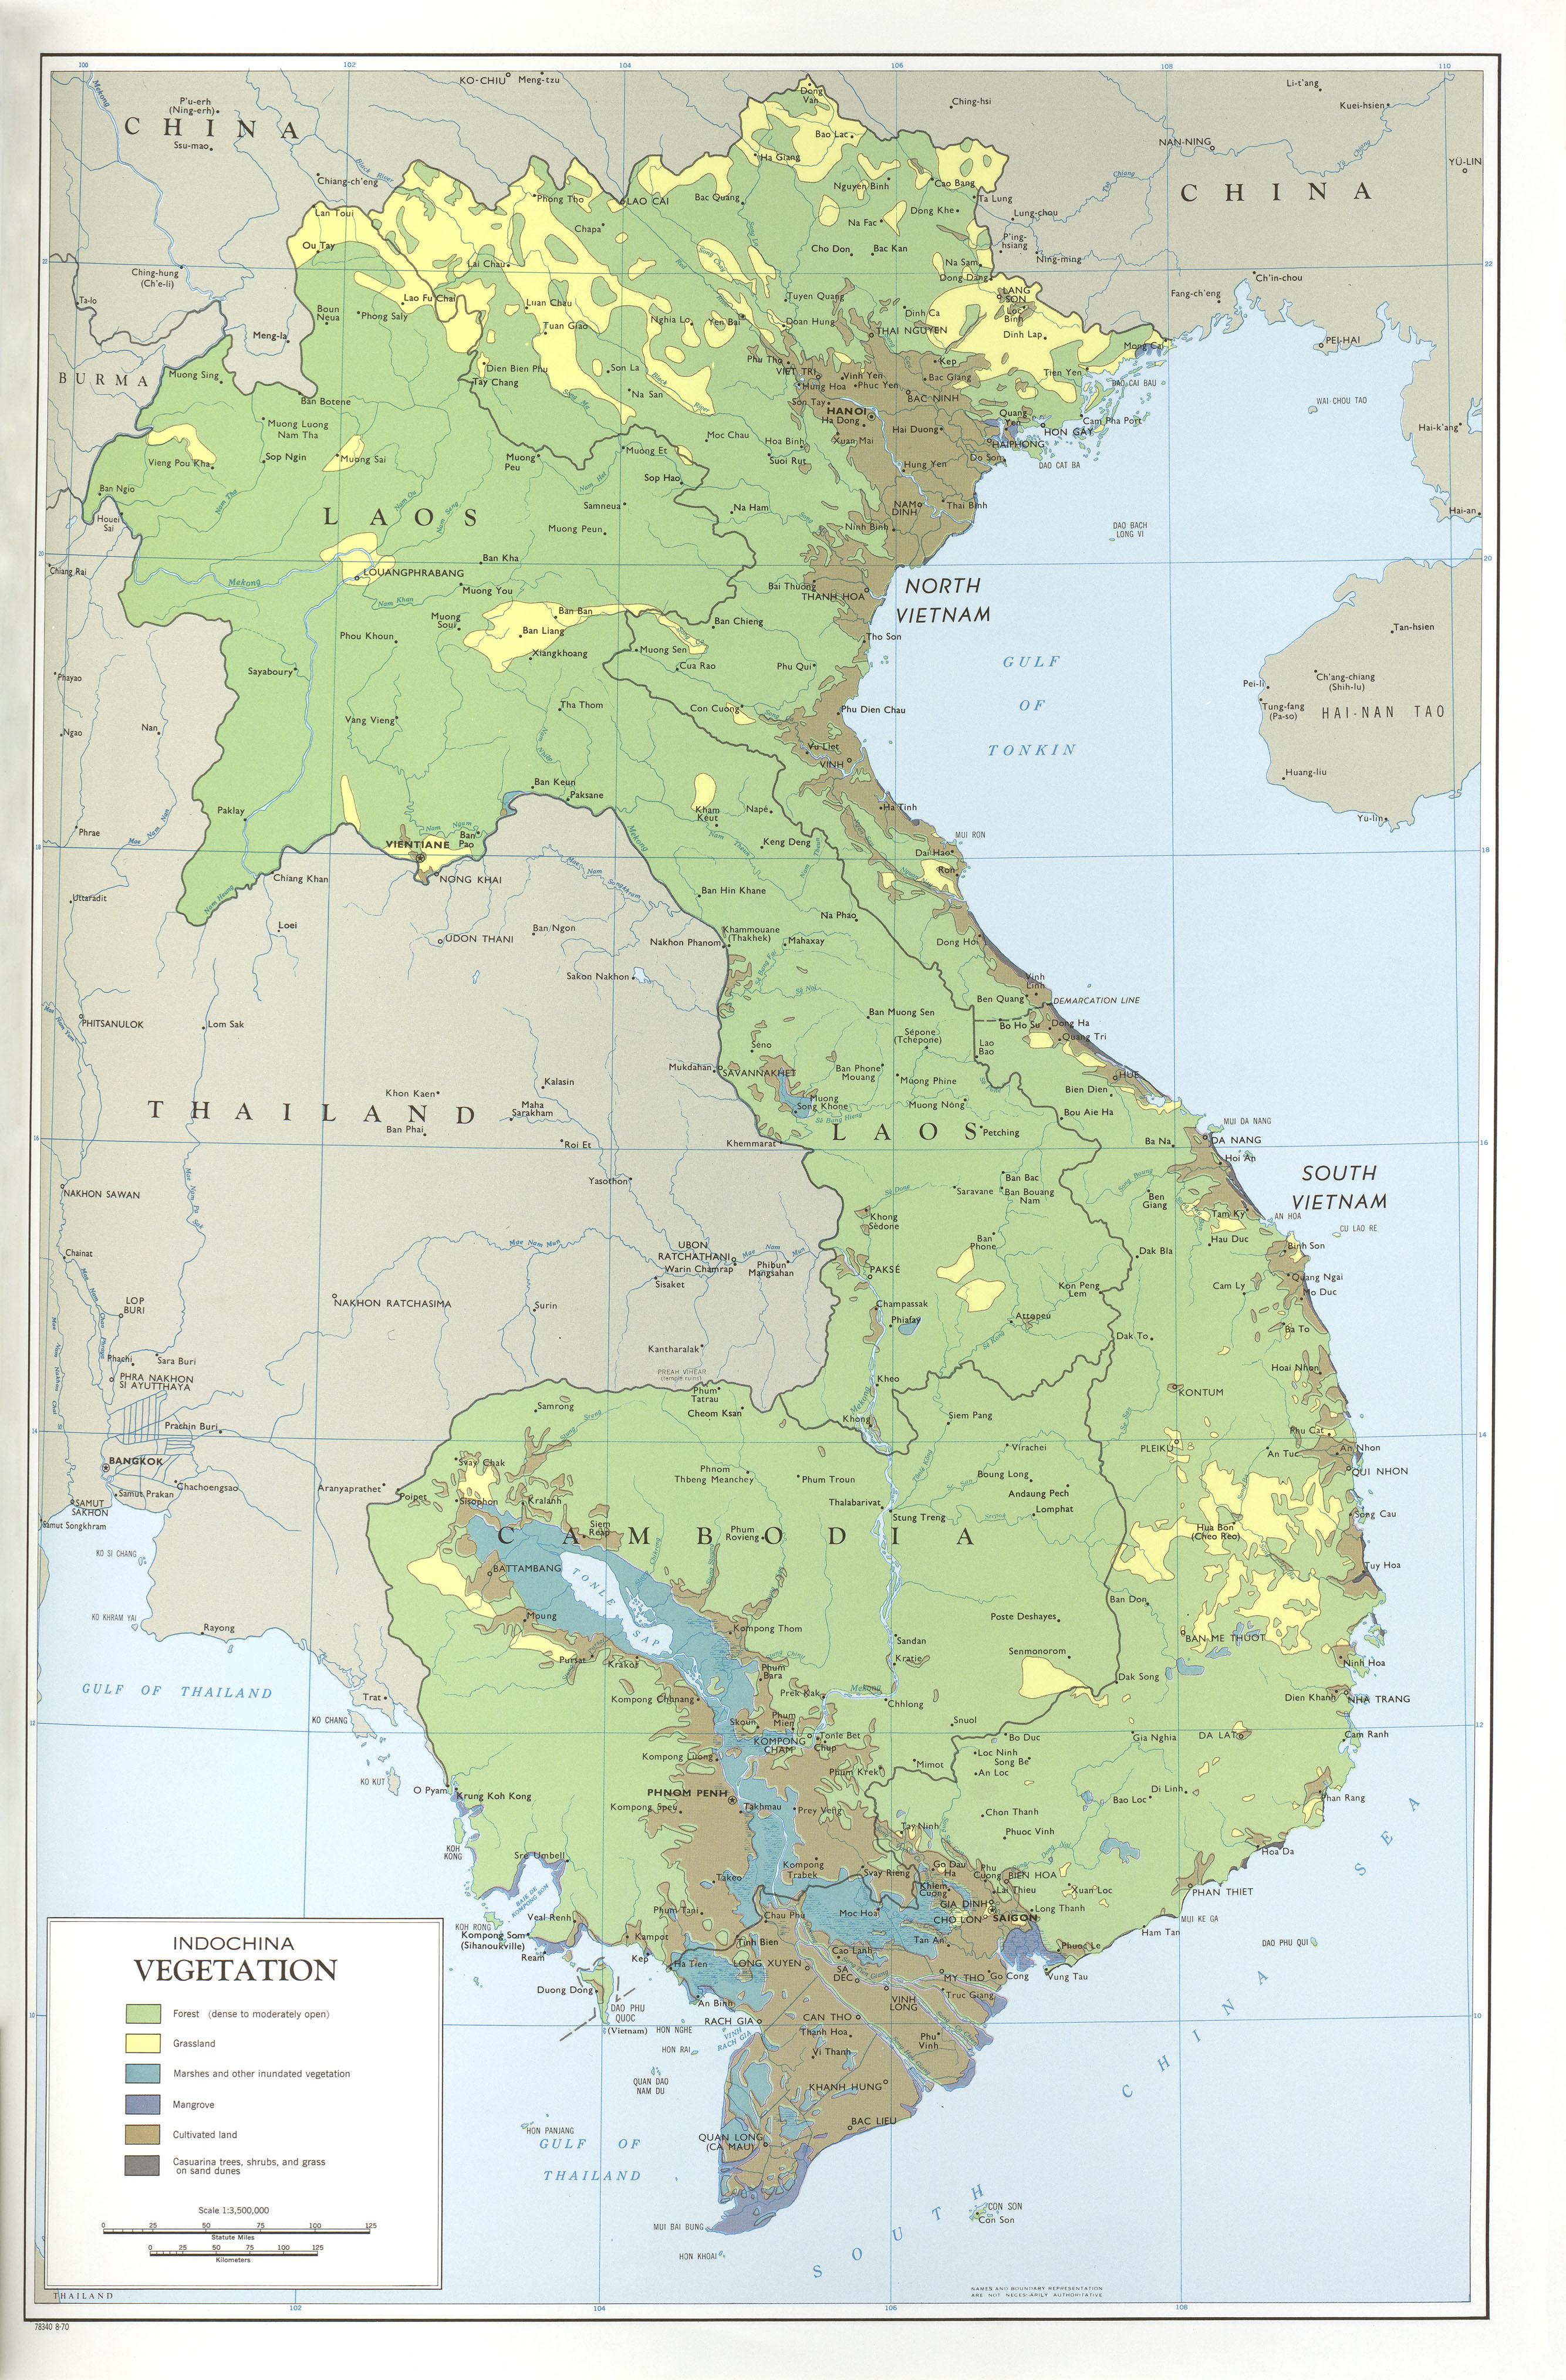 Vegetación de Indochina